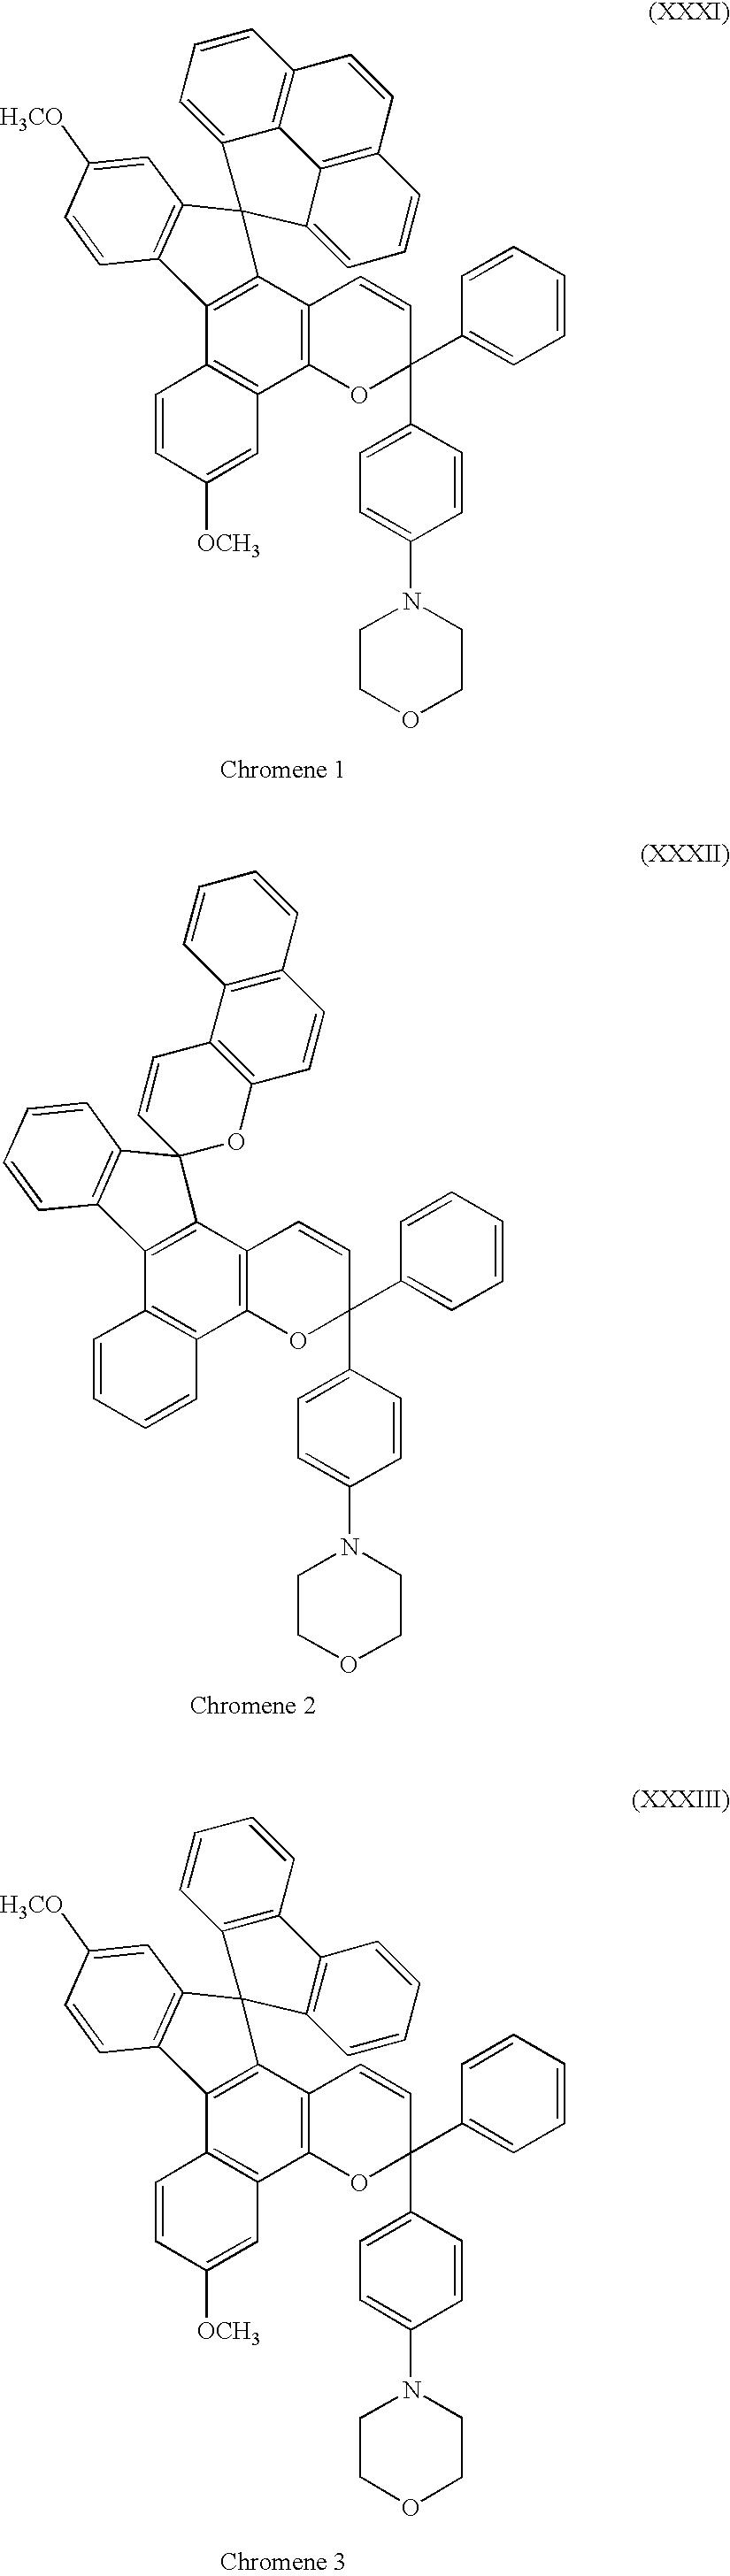 Figure US06698883-20040302-C00034